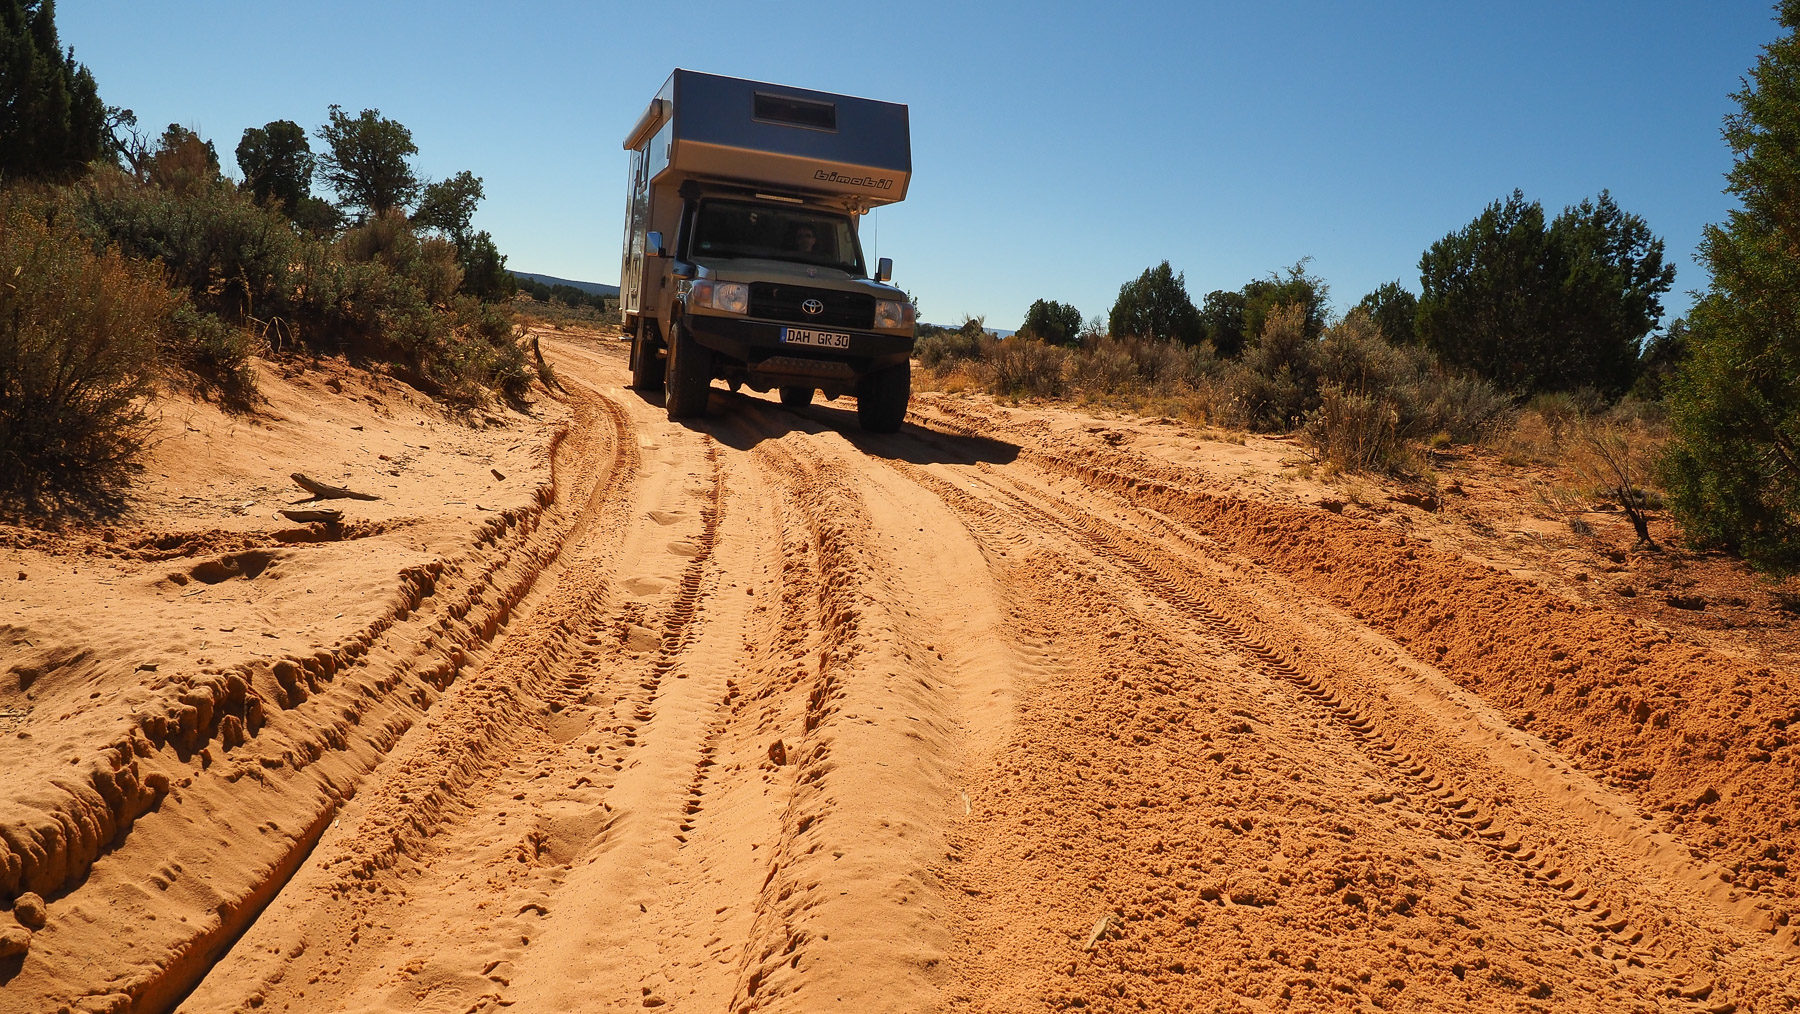 Unterwegs auf Sandpisten